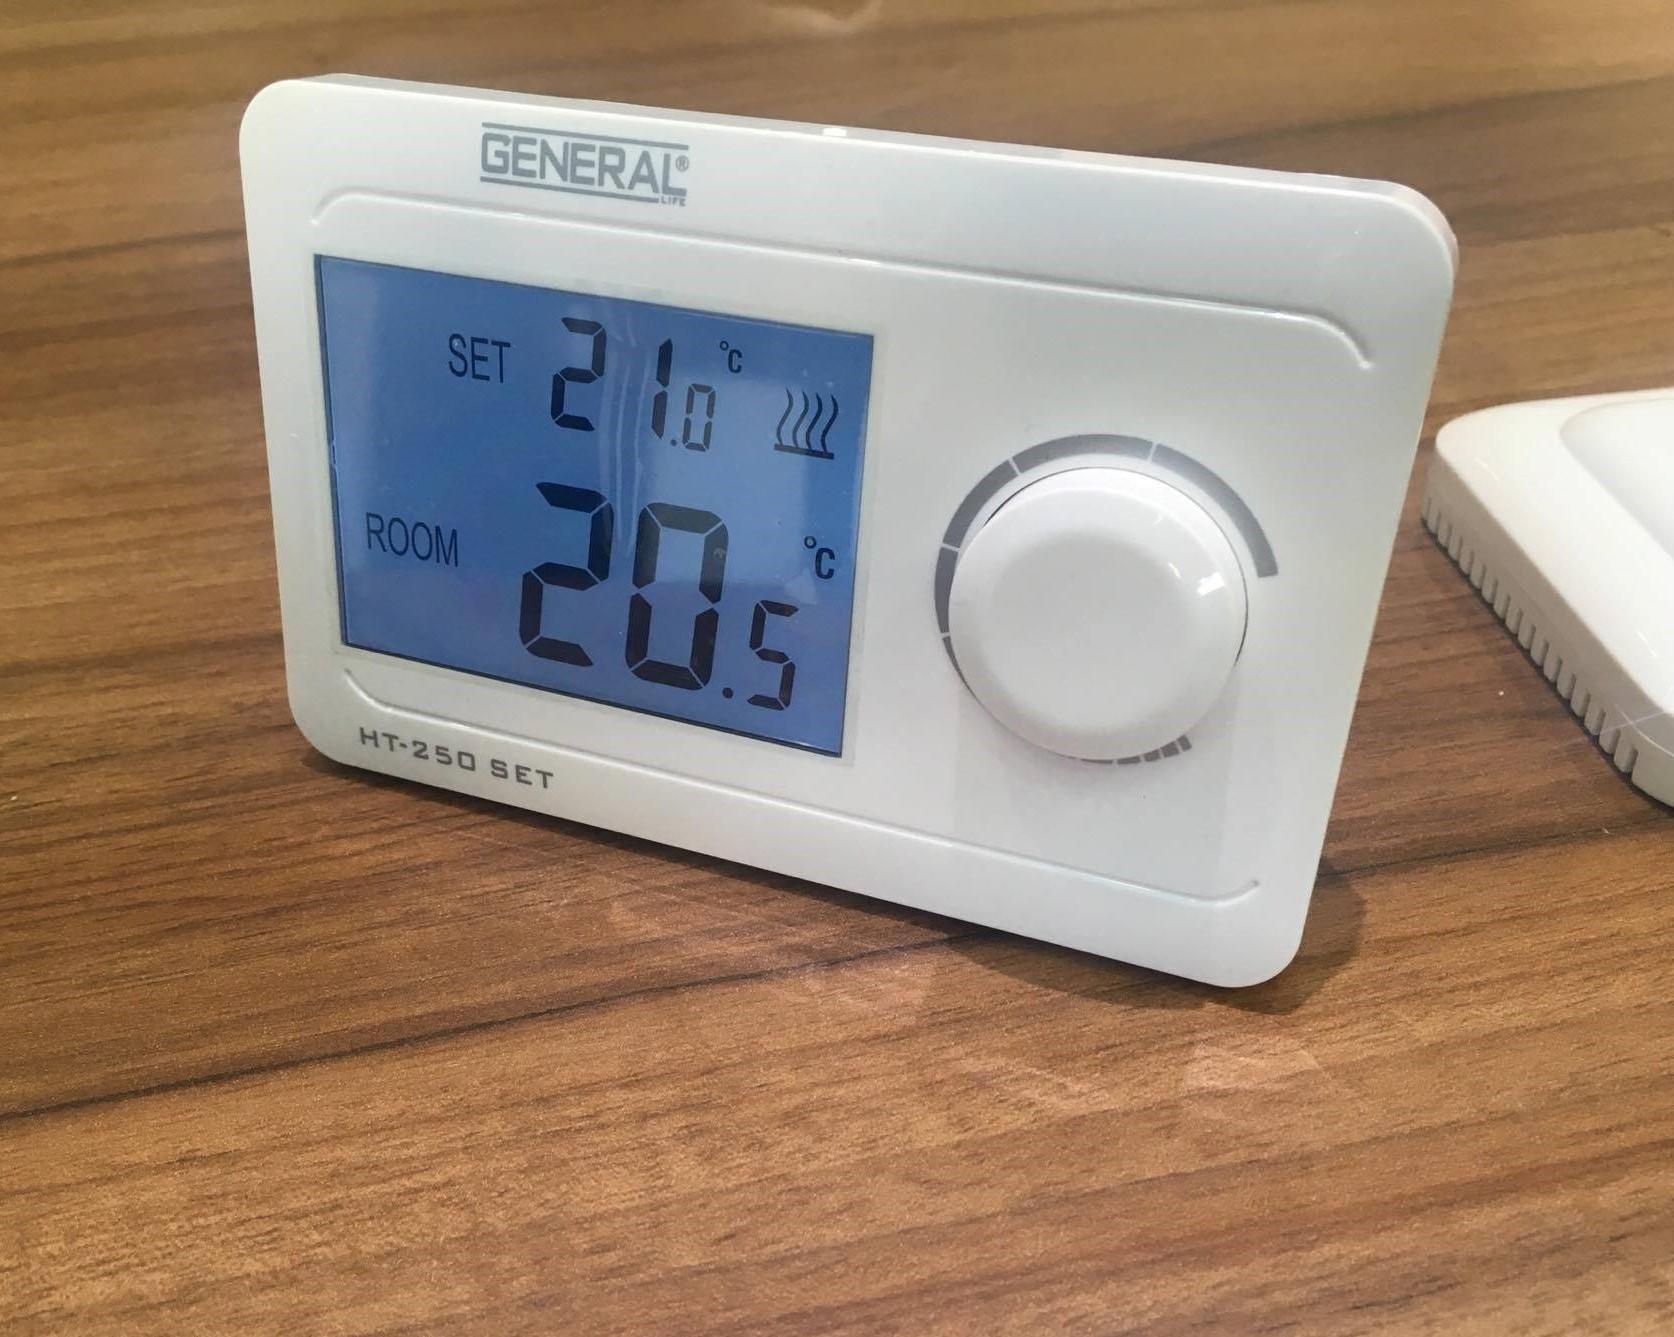 ασυρματος θερμοστατης_1